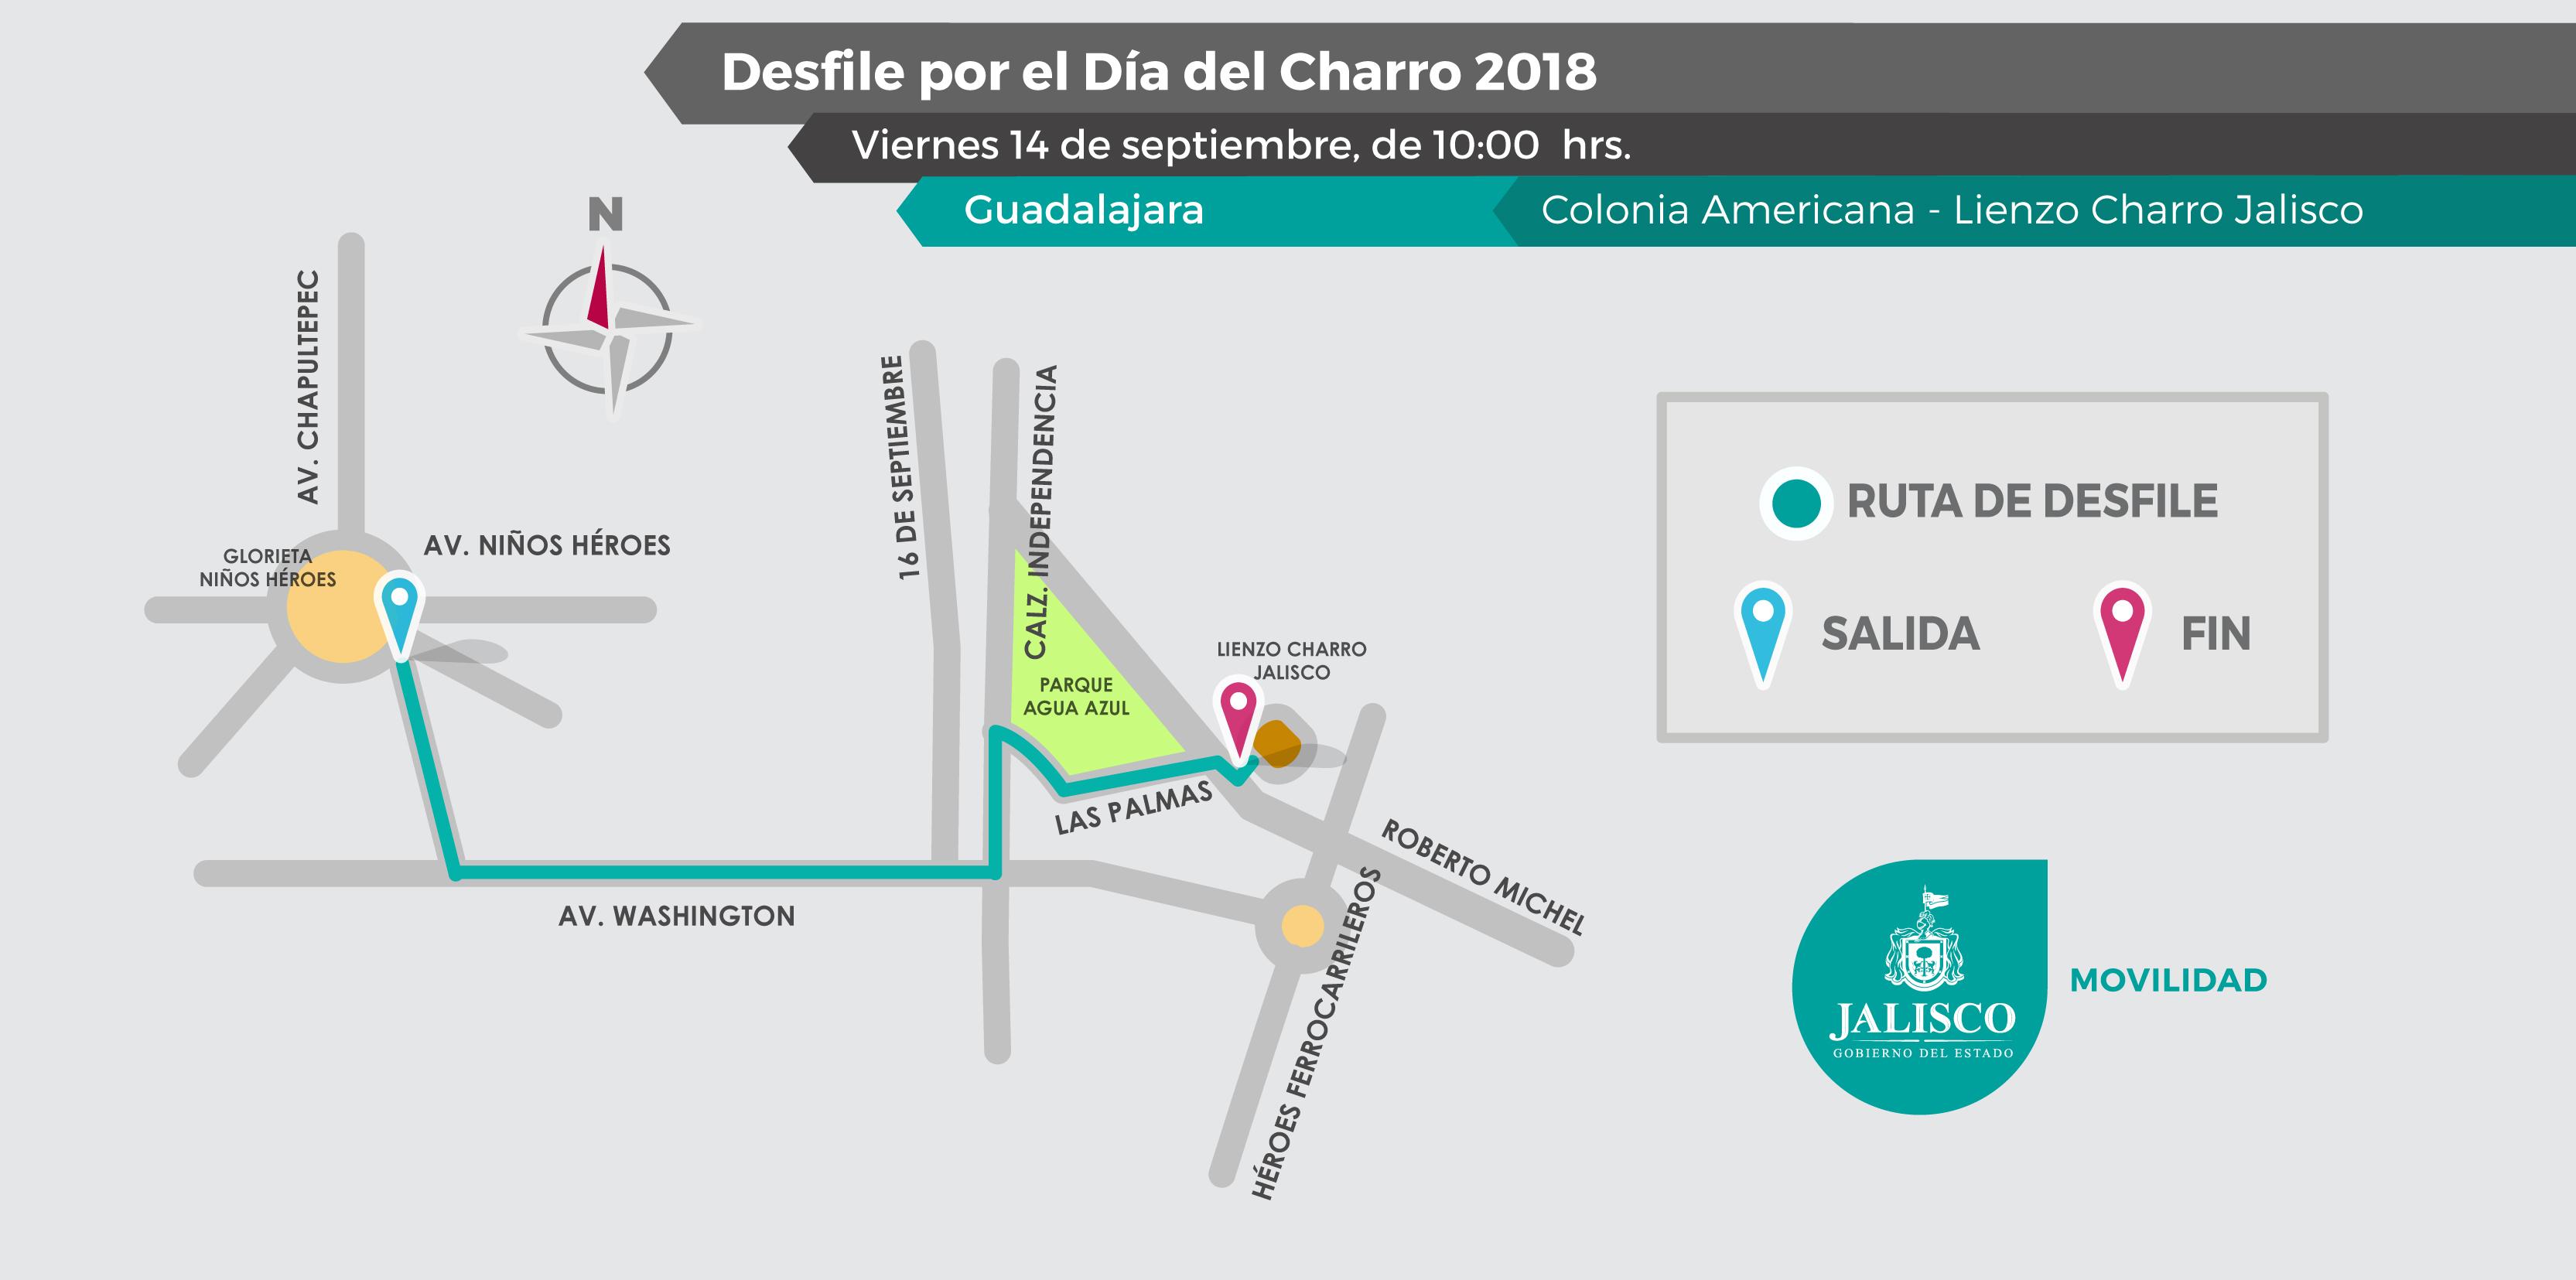 Por Desfile del Día del Charro habrá restricciones viales - Tráfico ZMG 6864b6b5807